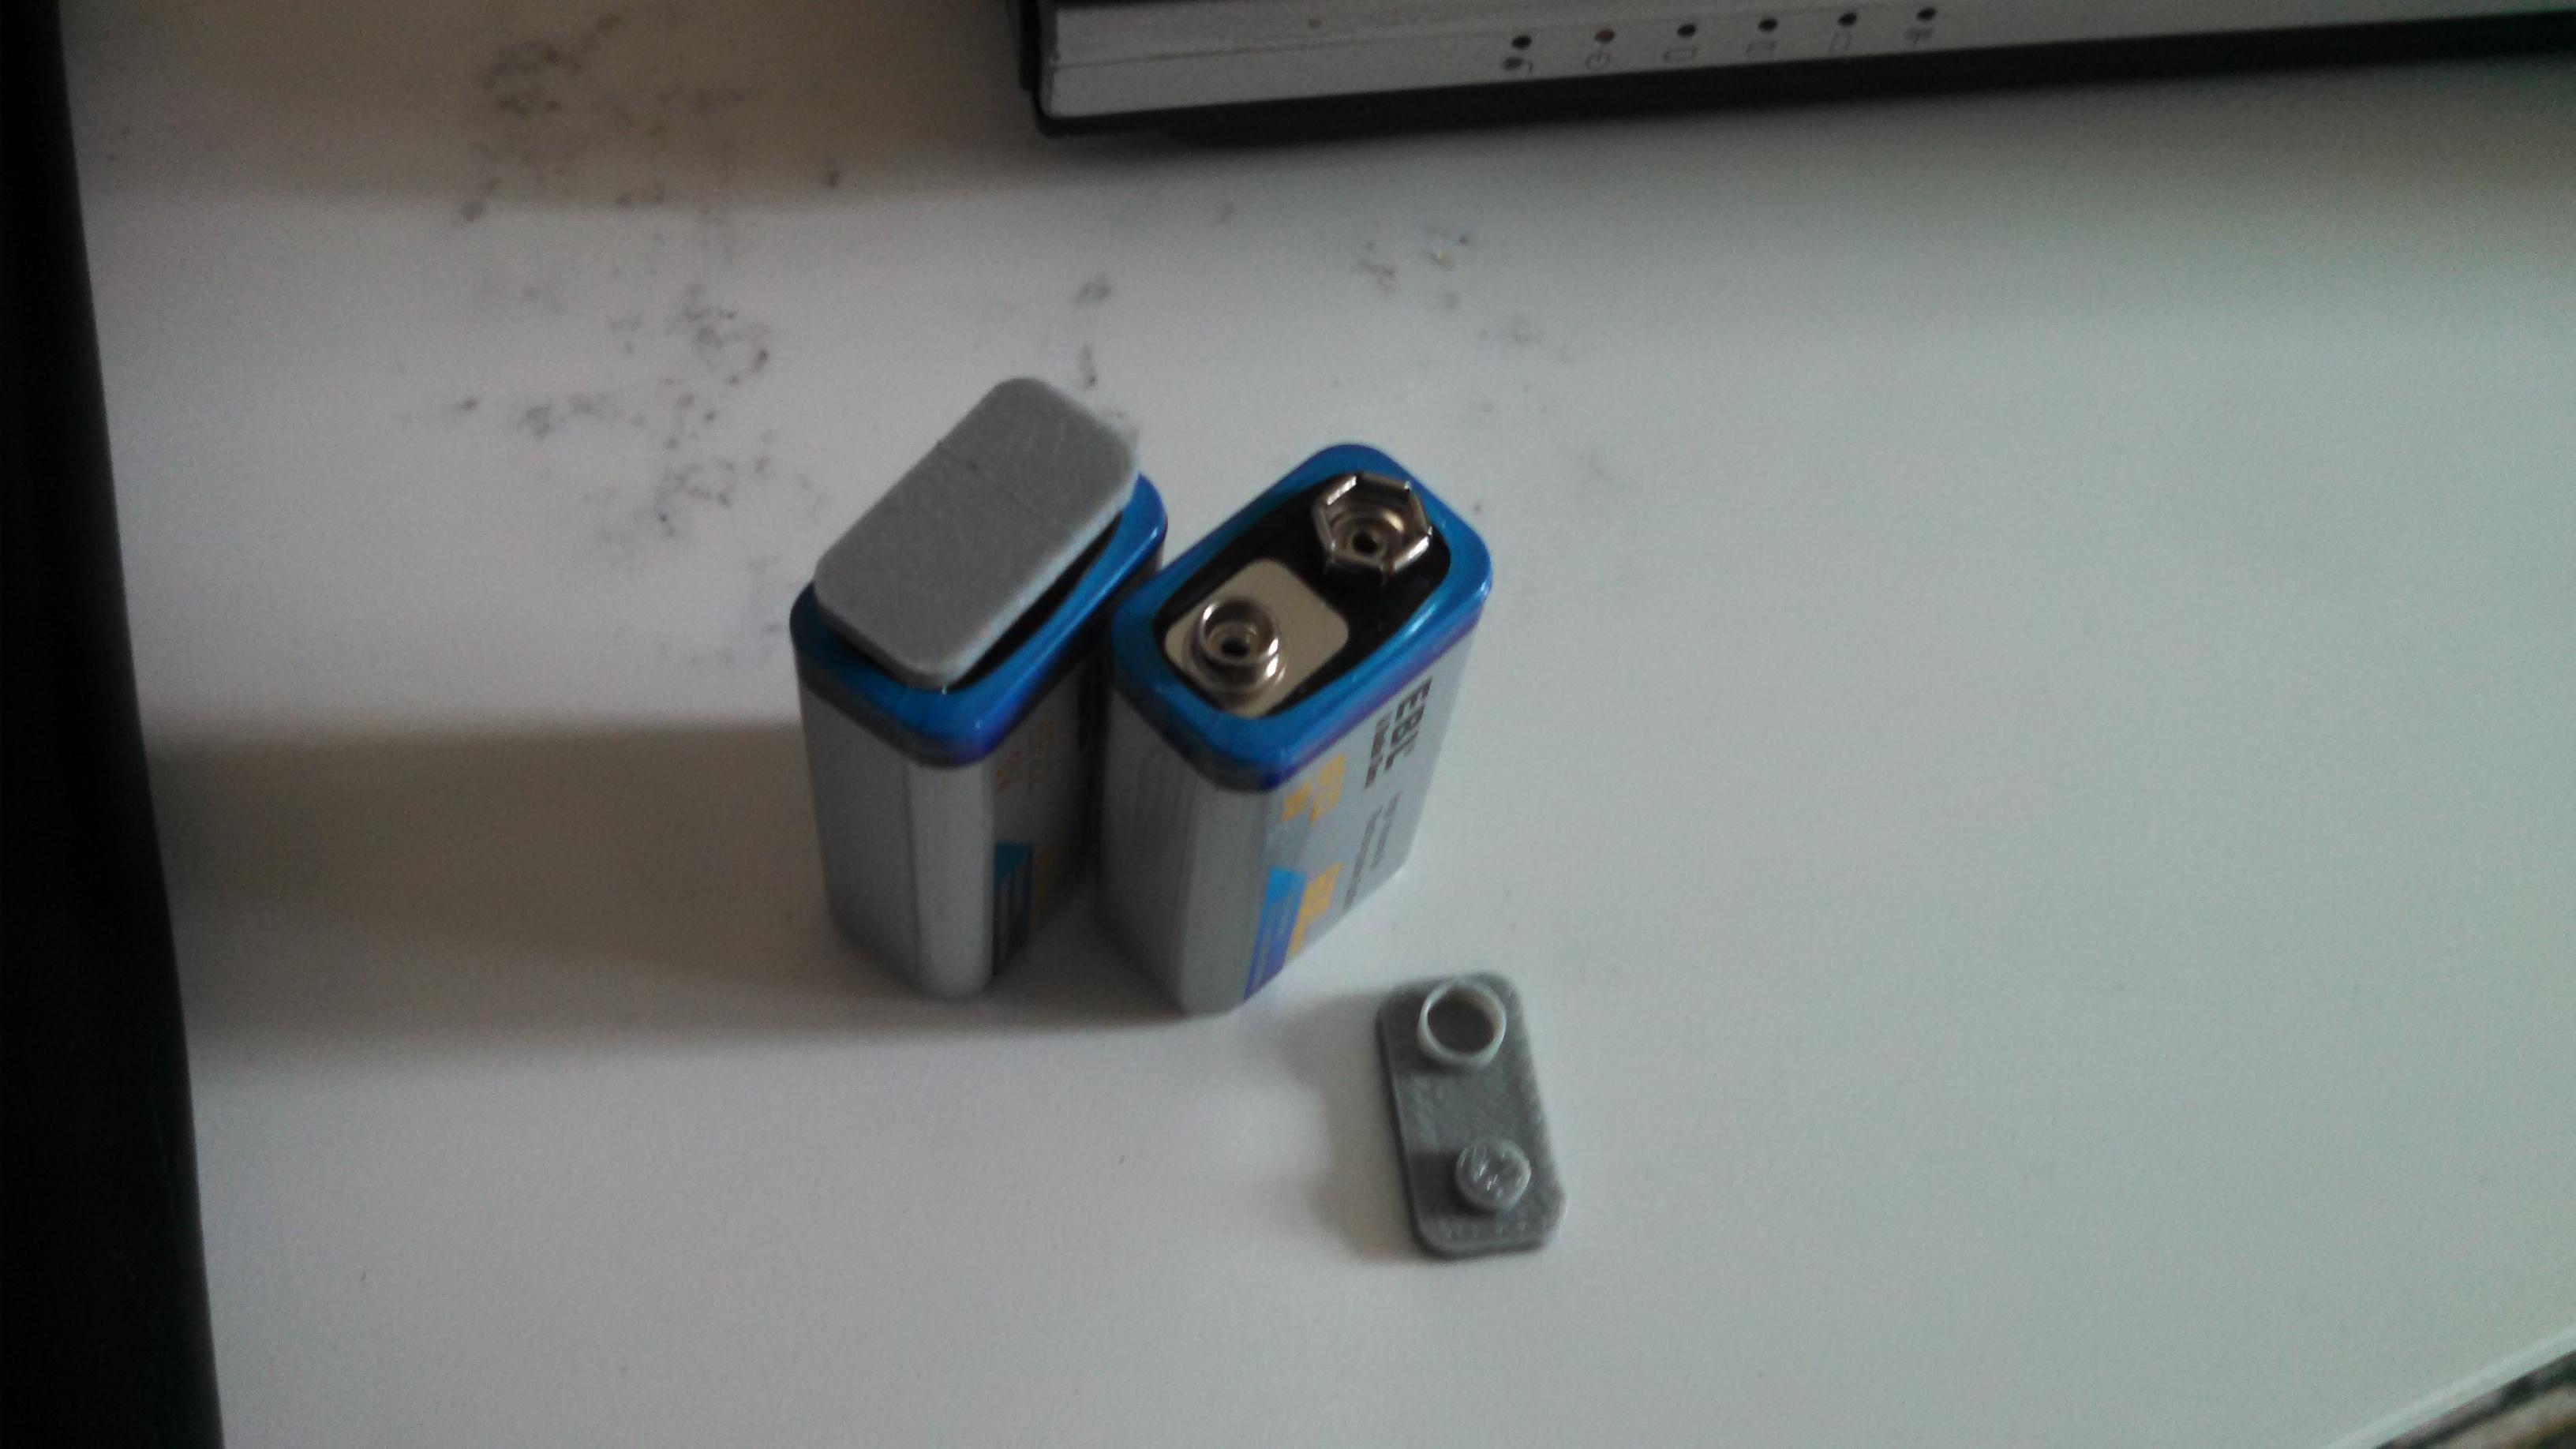 9 Volt Battery Cap Made by jrem uploaded Apr 12 2016 View Original